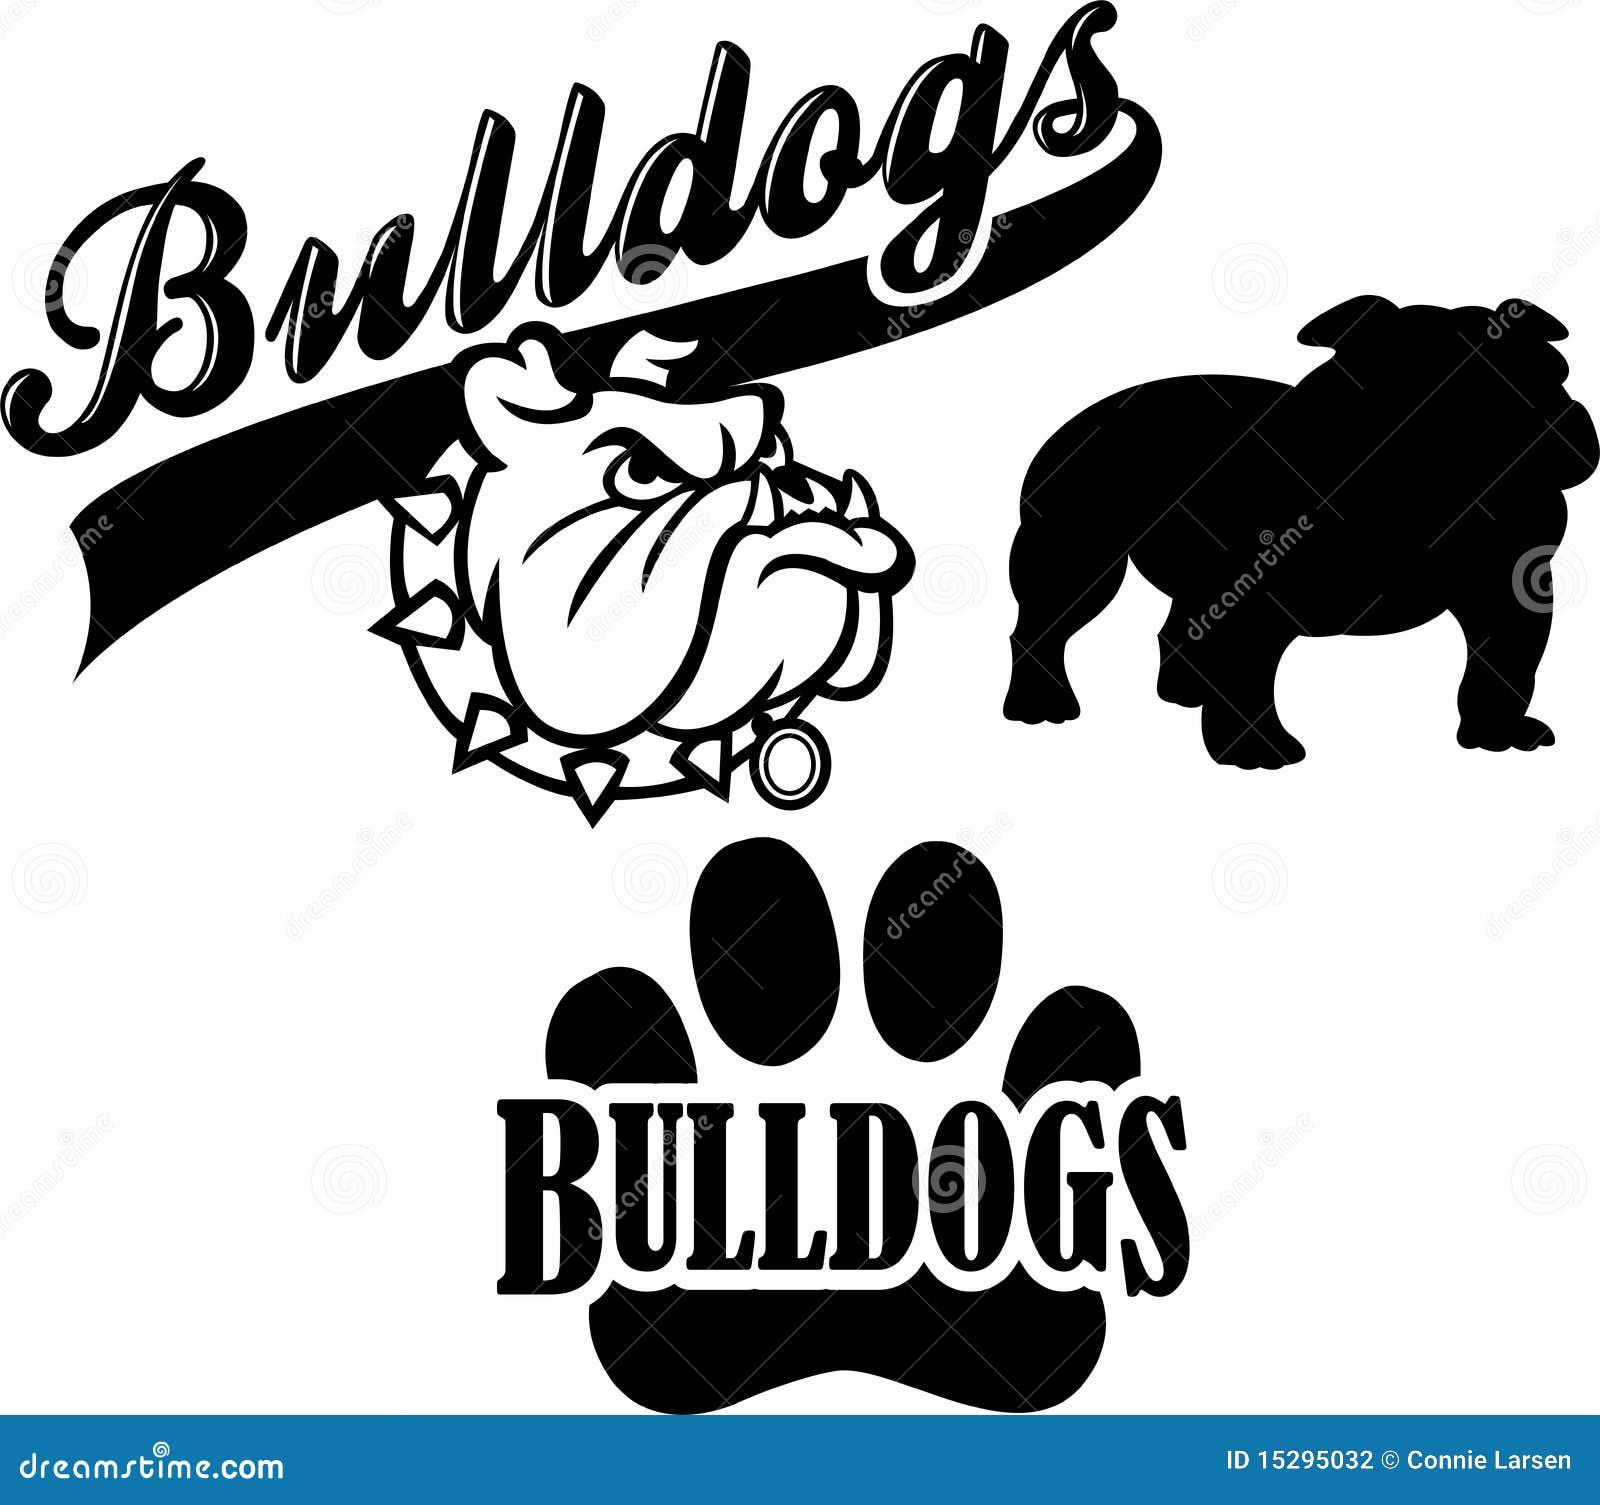 Bulldog Team Mascot/eps